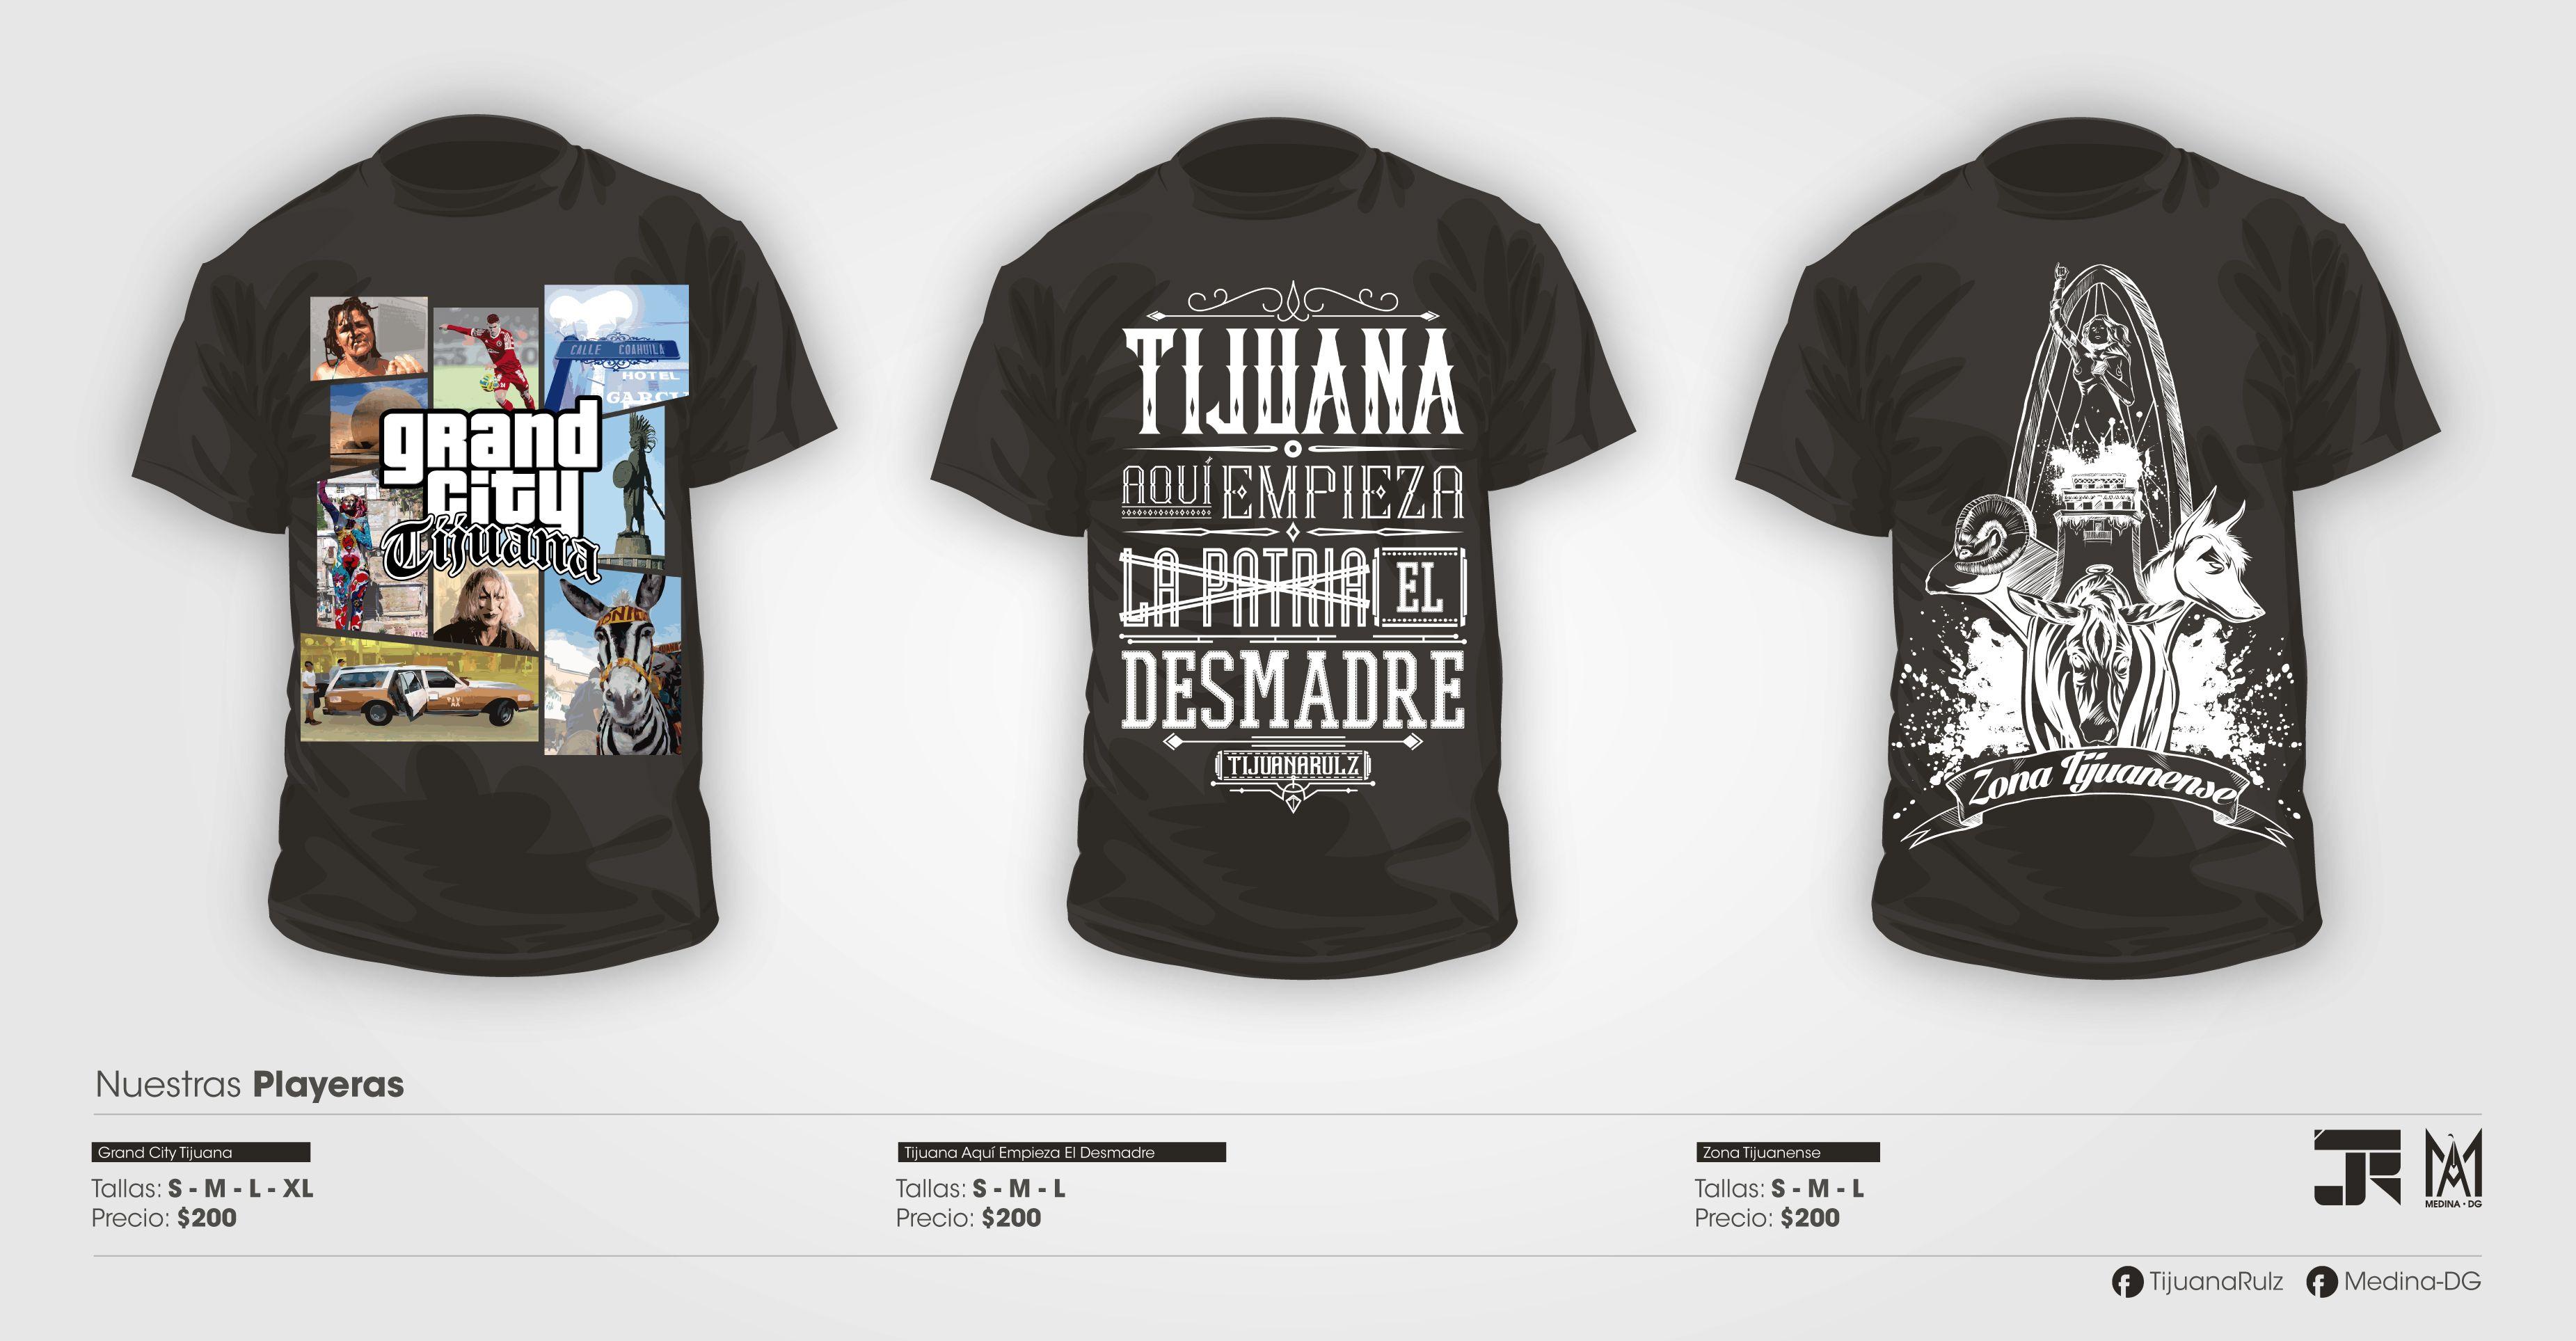 Publicidad   MedinaDG  TijuanaRulz PLAYERAS DE TIJUANA A la venta en tienda